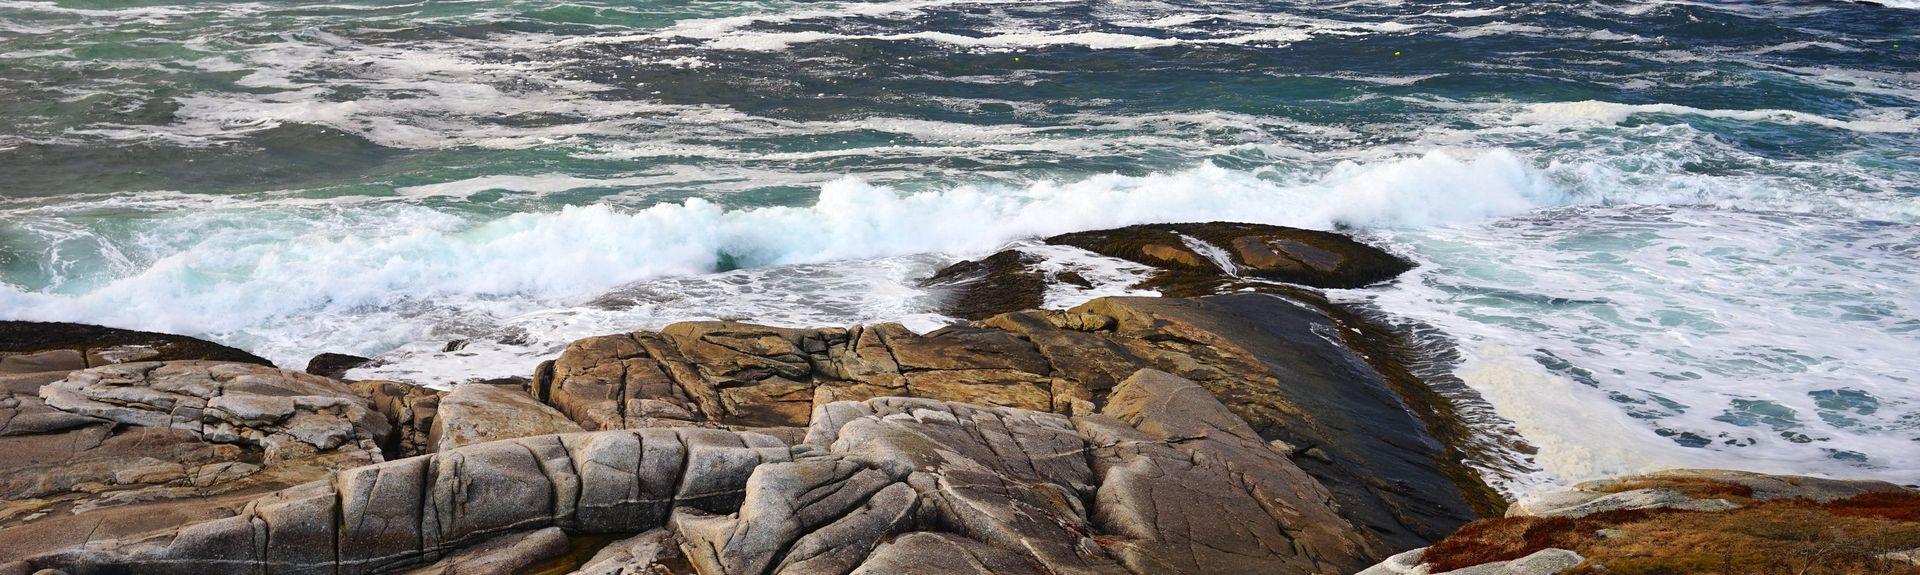 St Margarets Bay, Nova Scotia, Canada